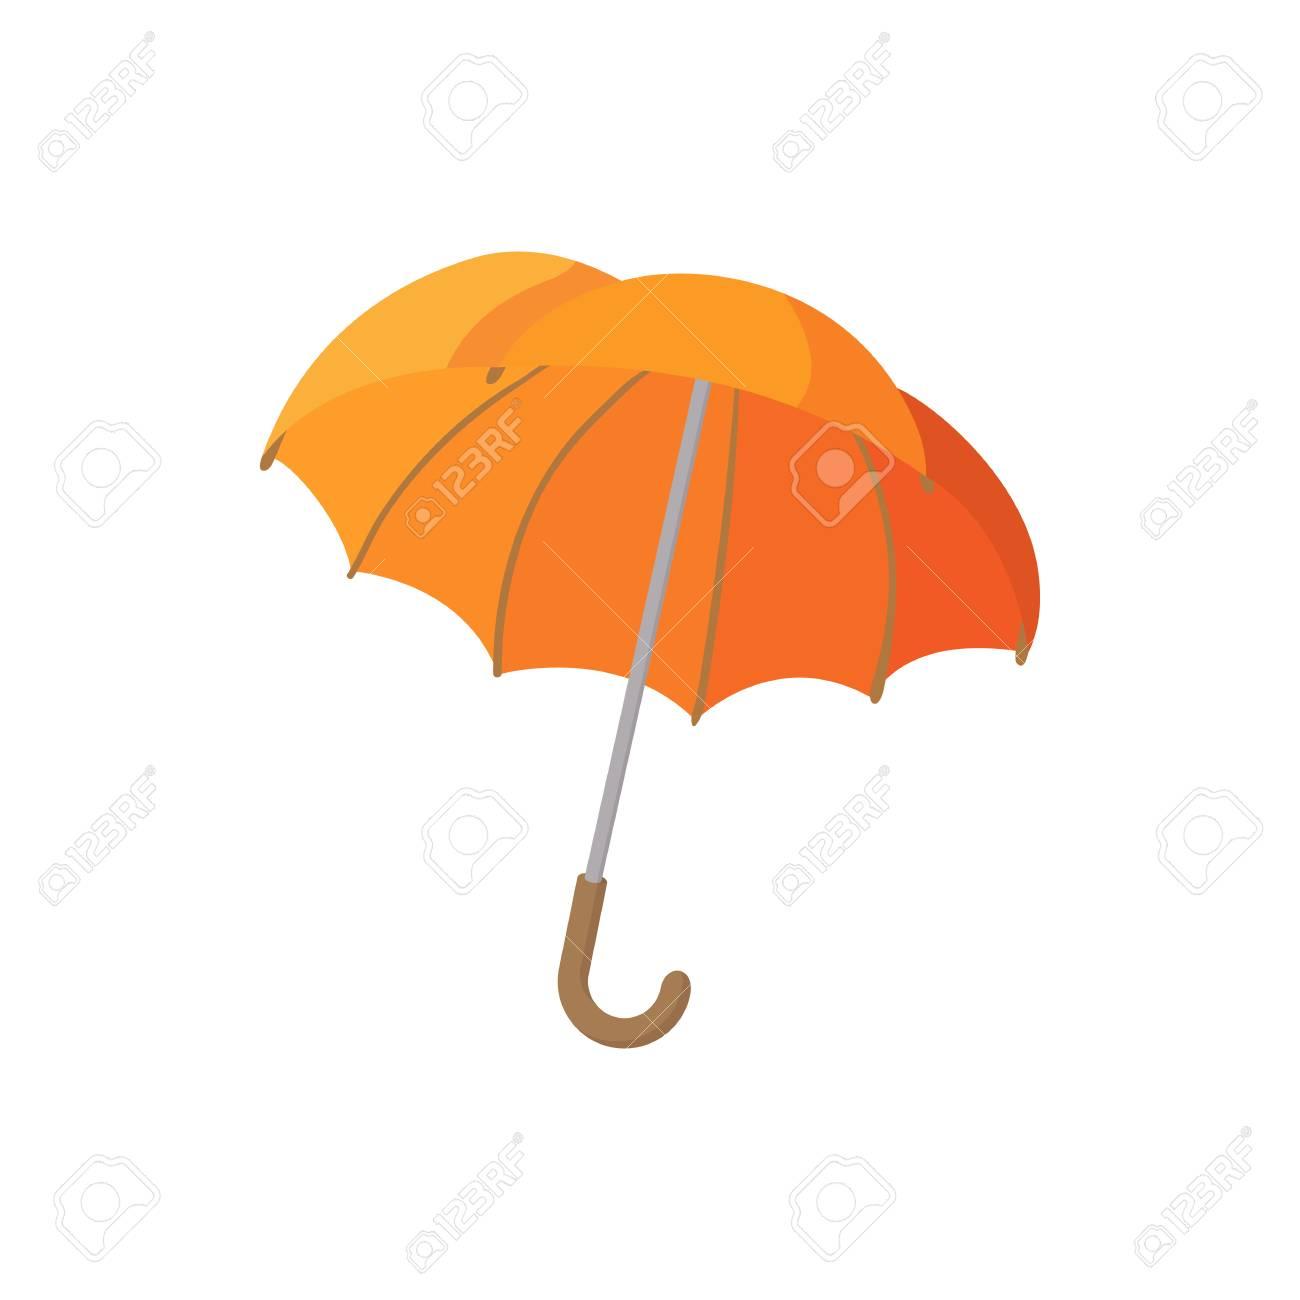 Open Orange Umbrella Icon In Cartoon Style On A White Background ...